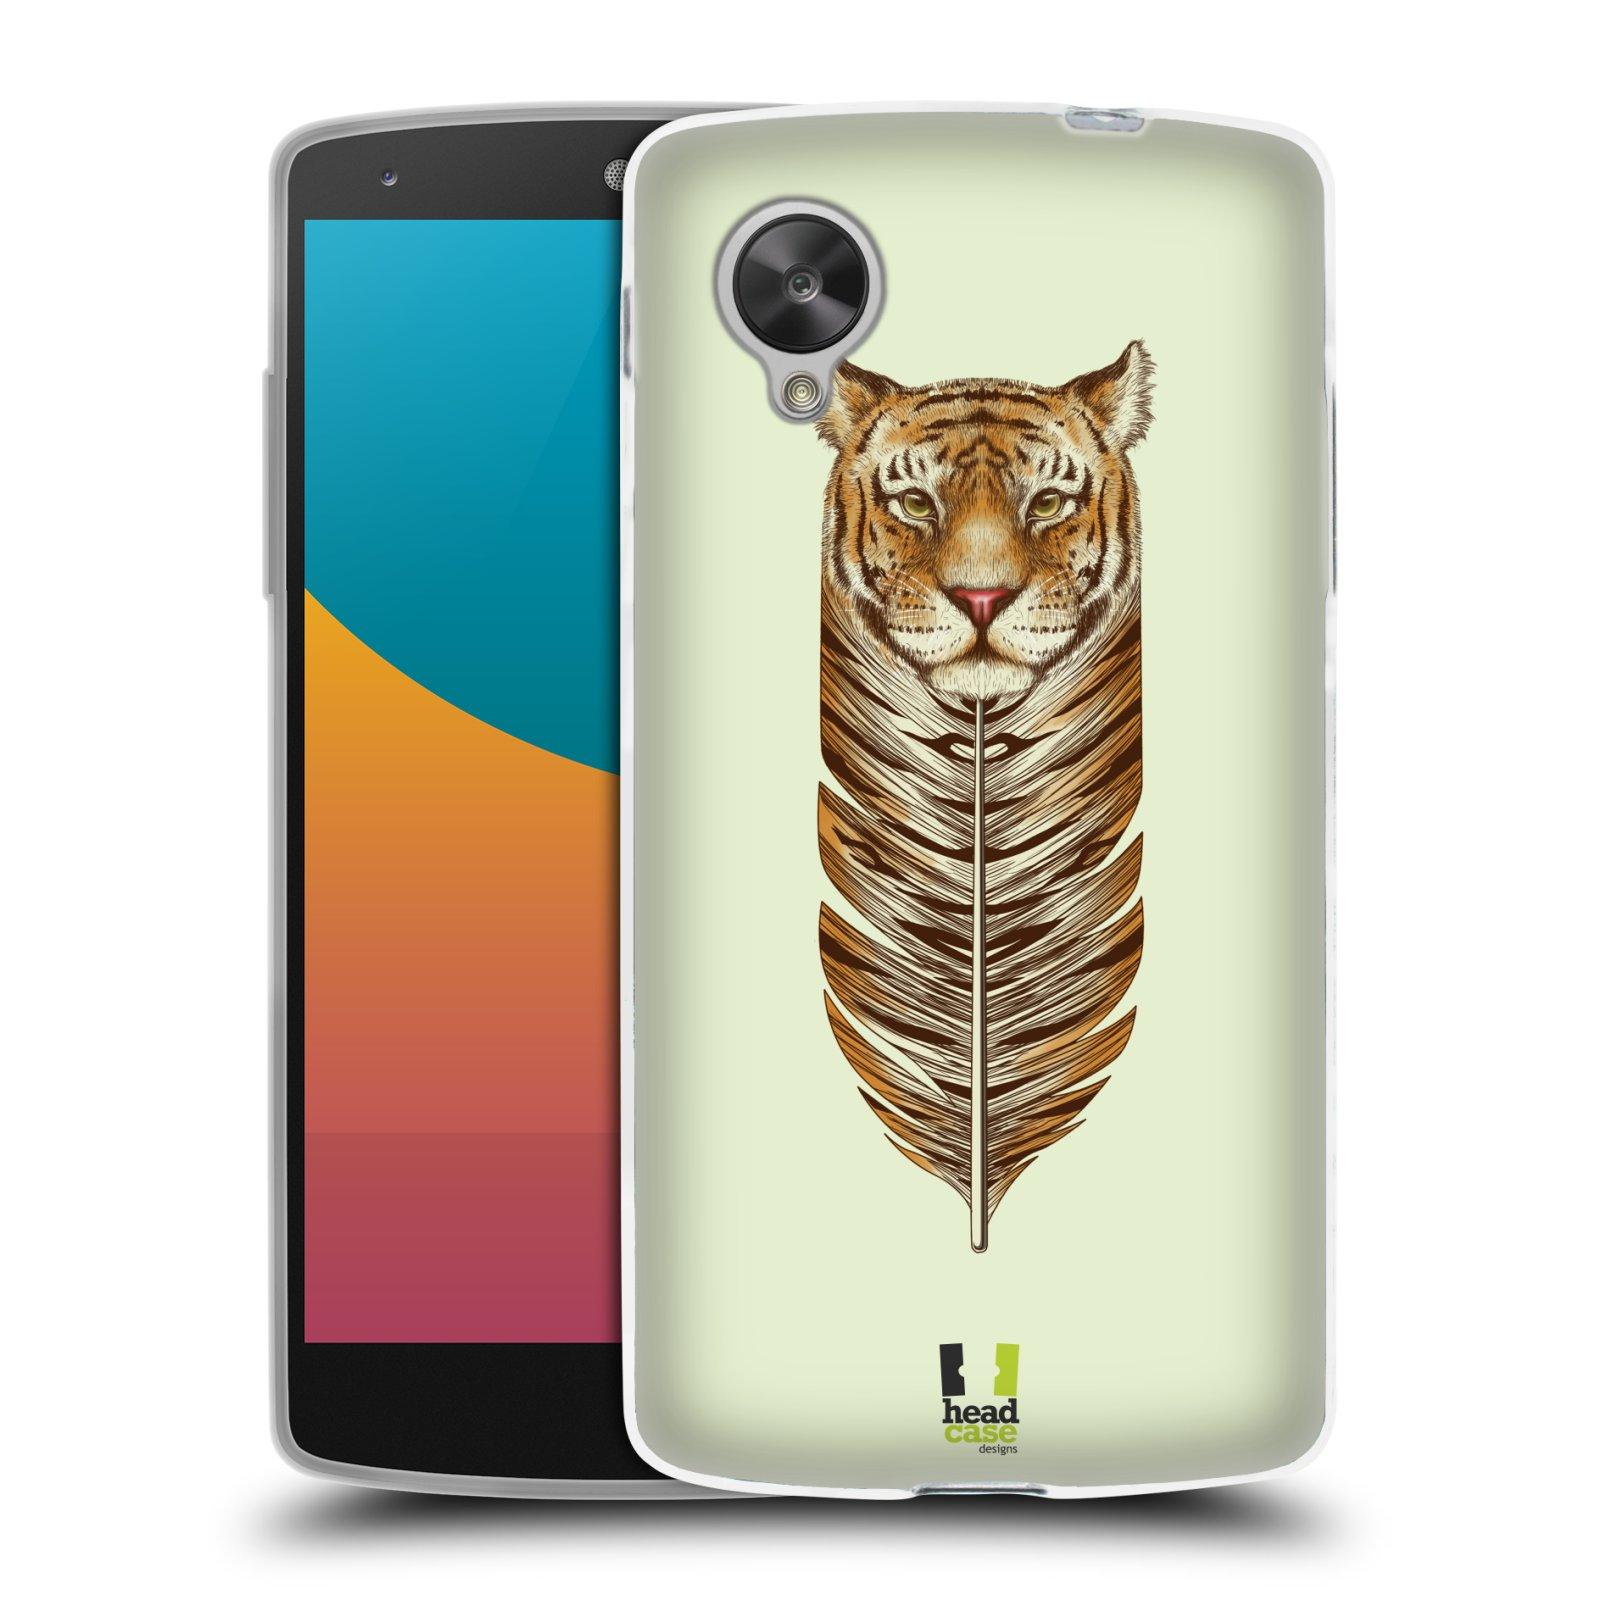 Silikonové pouzdro na mobil LG Nexus 5 HEAD CASE PÍRKO TYGR (Silikonový kryt či obal na mobilní telefon LG Google Nexus 5 D821)